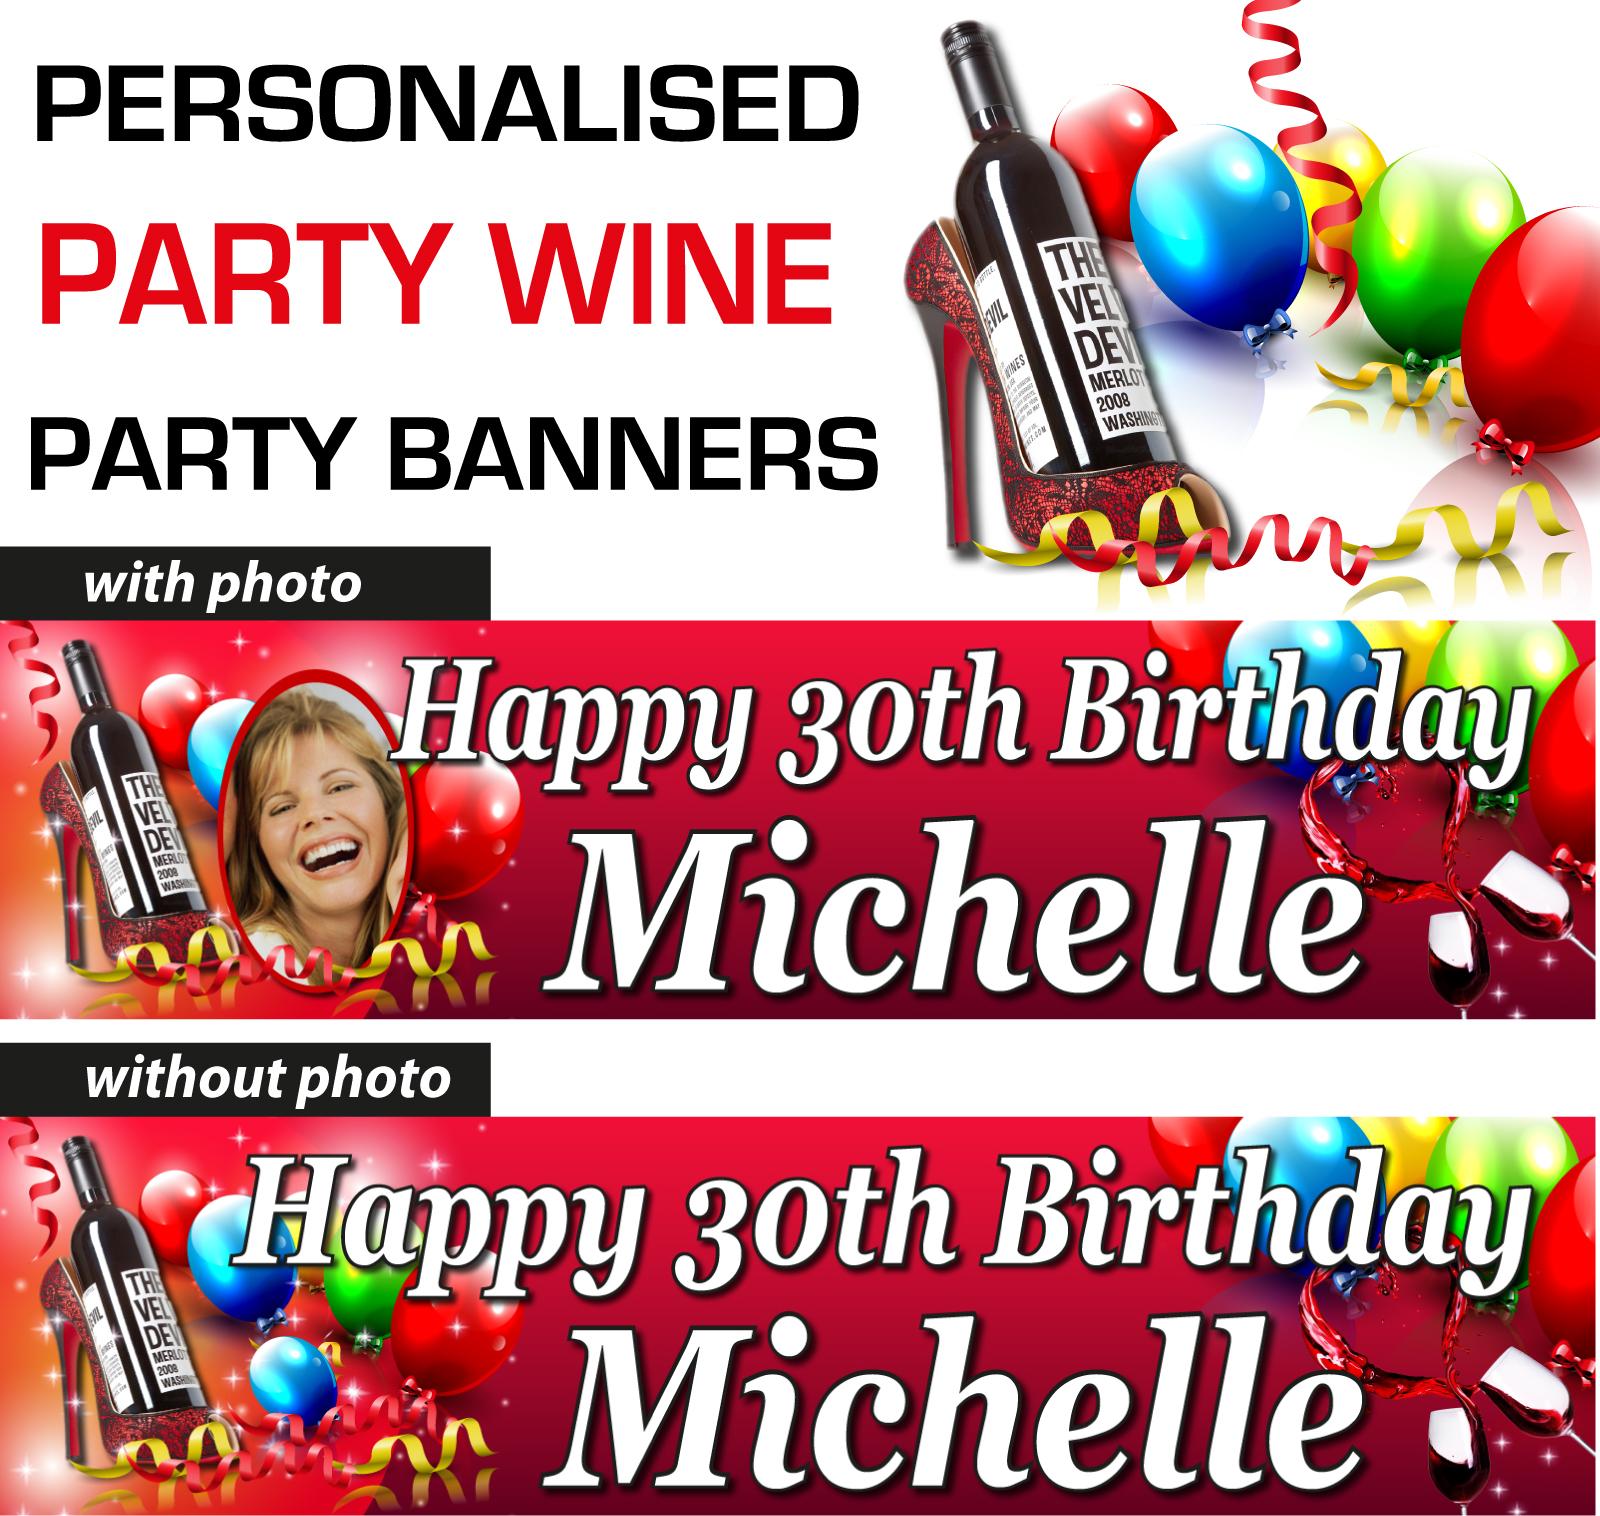 wine-banner-ebay.jpg